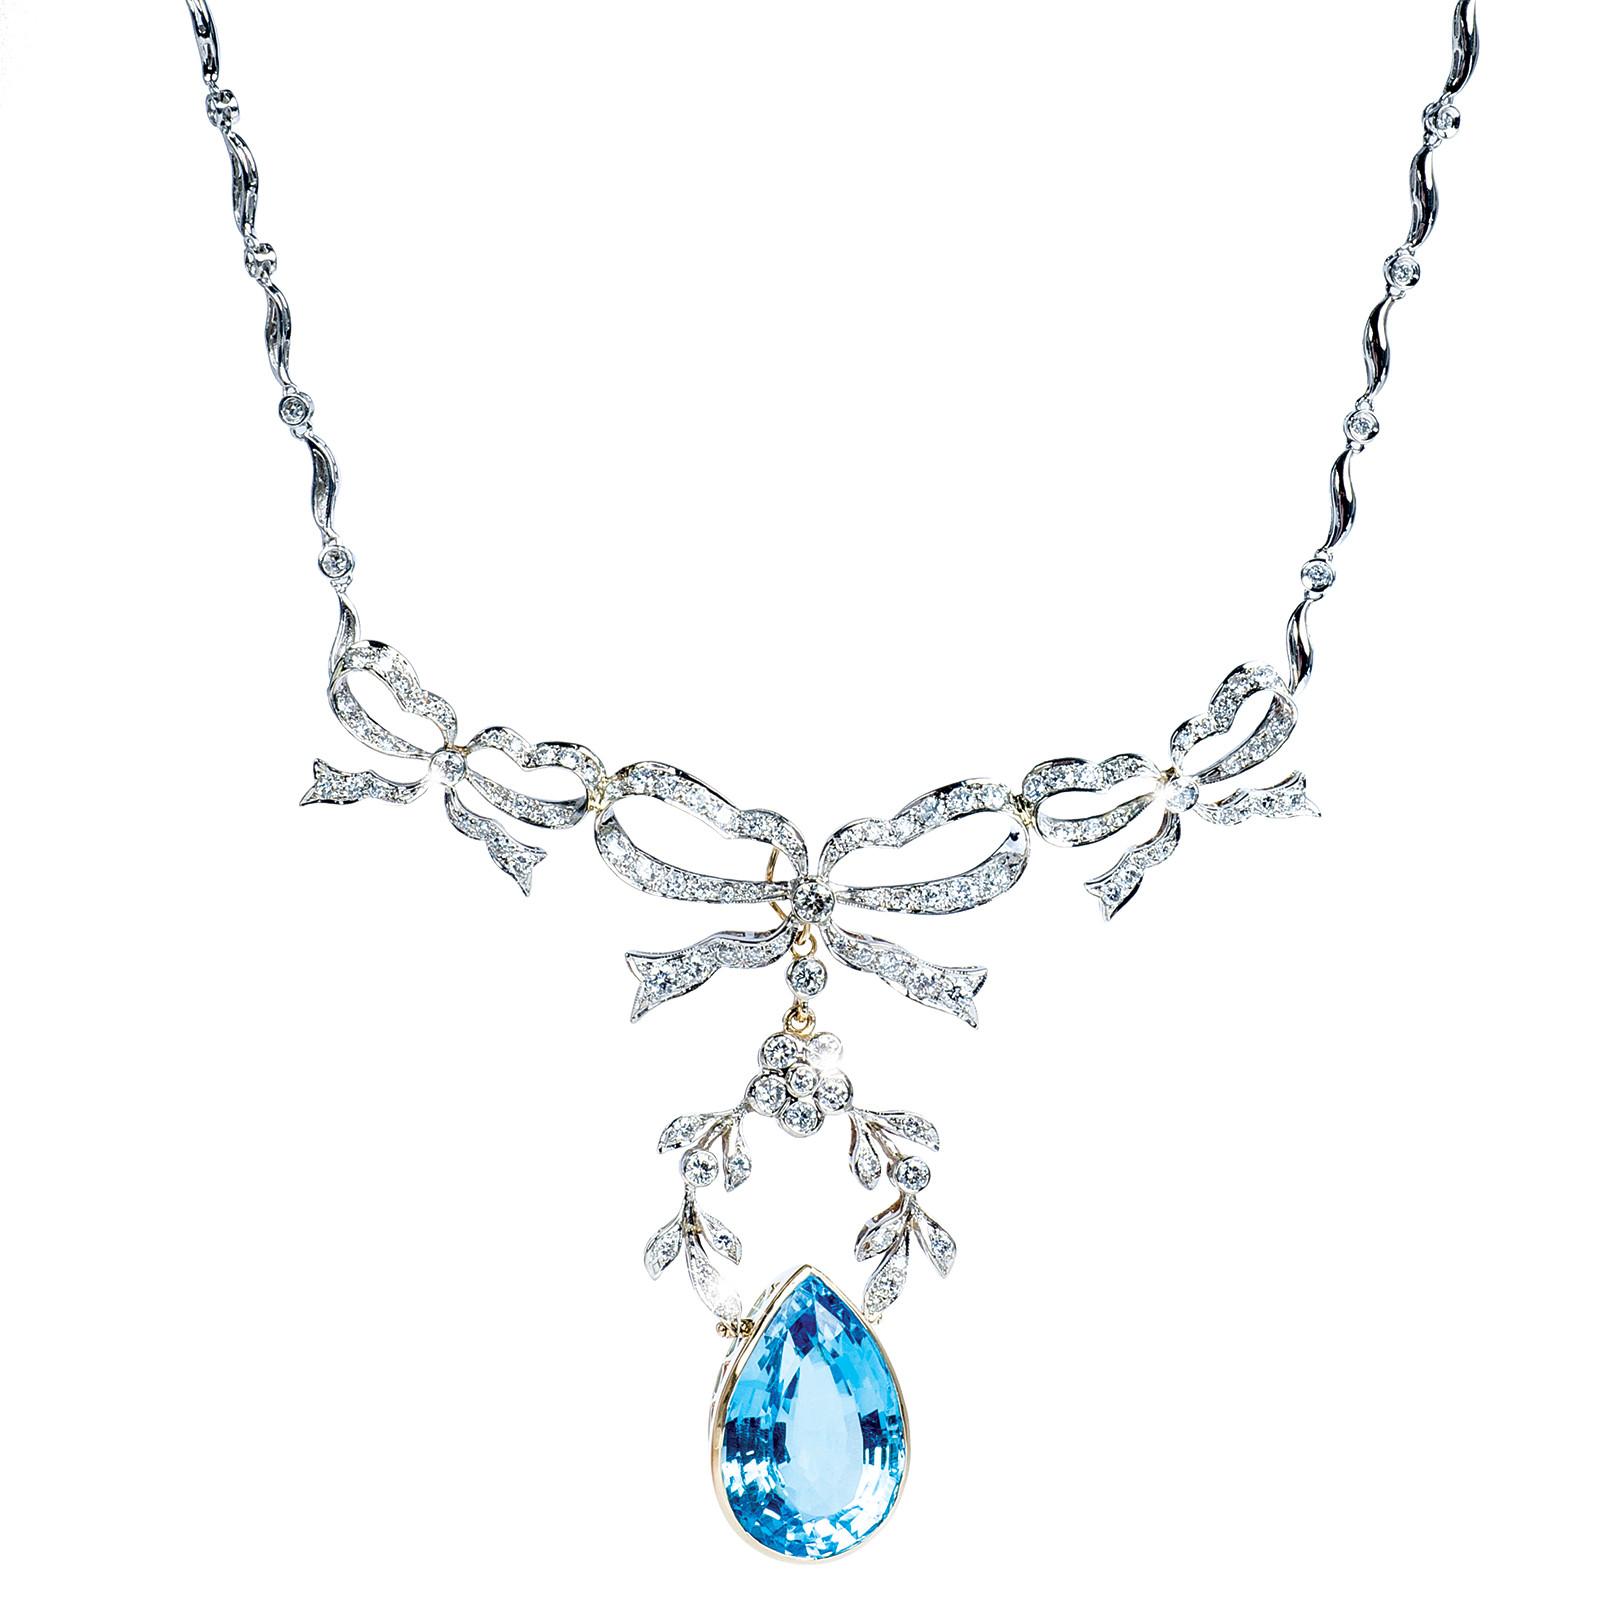 Art Nouveau Style 38.50 CT Topaz & Diamond Necklace